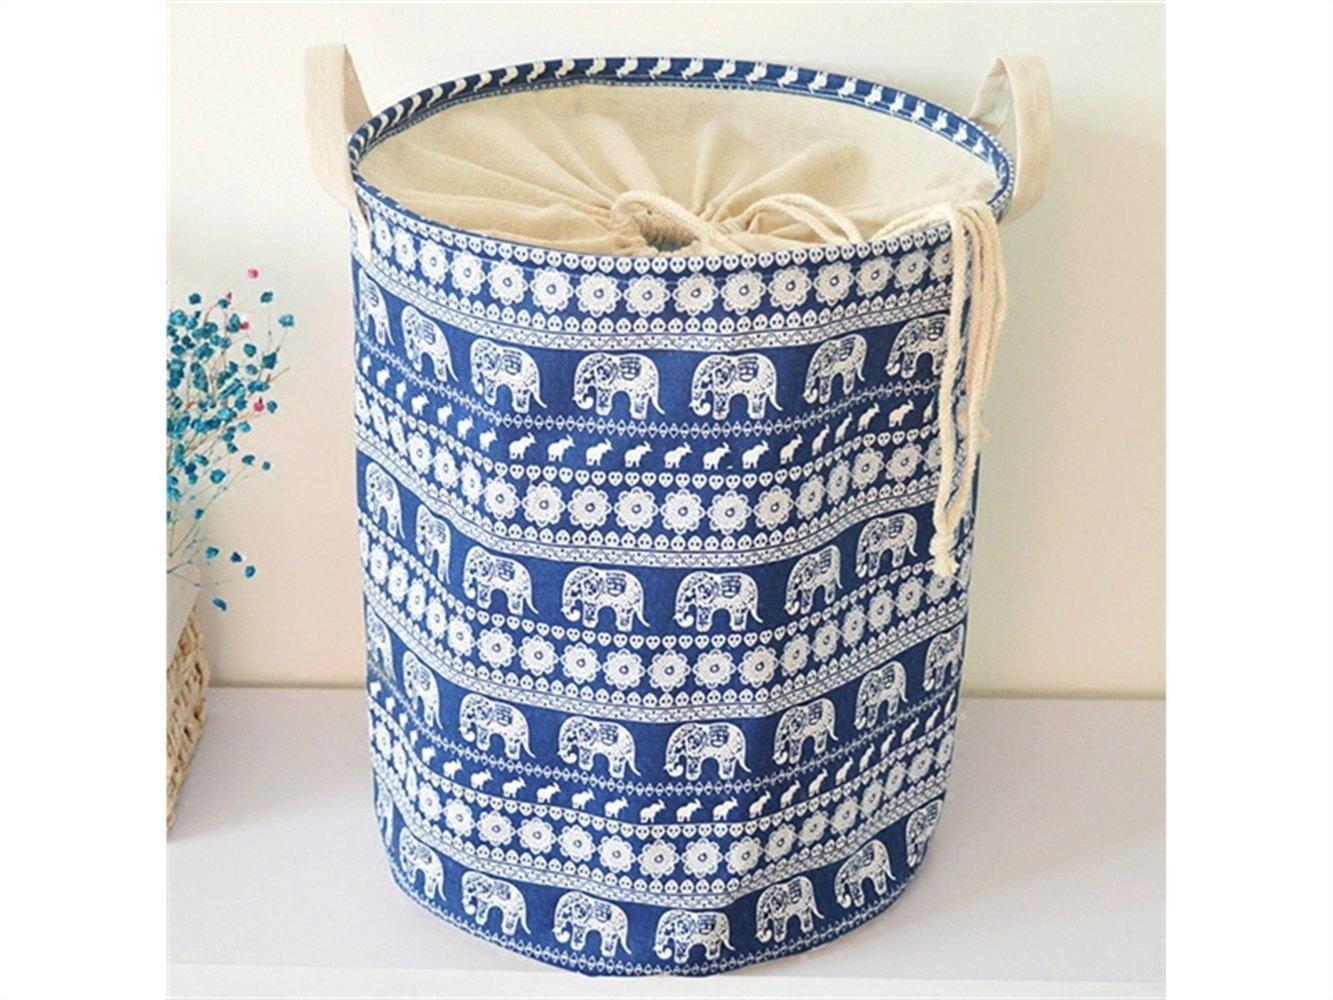 Gelaiken Lightweight Elephant Storage Basket Pattern Storage Bag Cotton Storage Box Sundries Storage Bucket(Navy Blue)